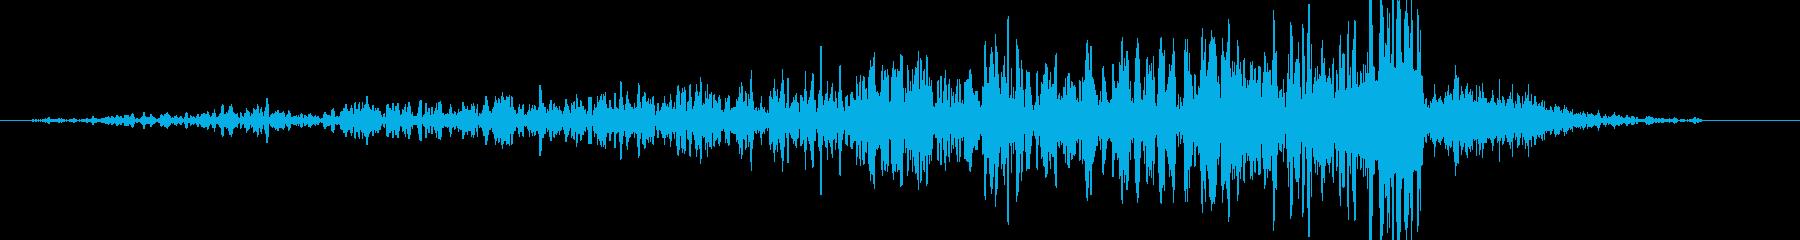 逆ランブルヒューシュインの再生済みの波形